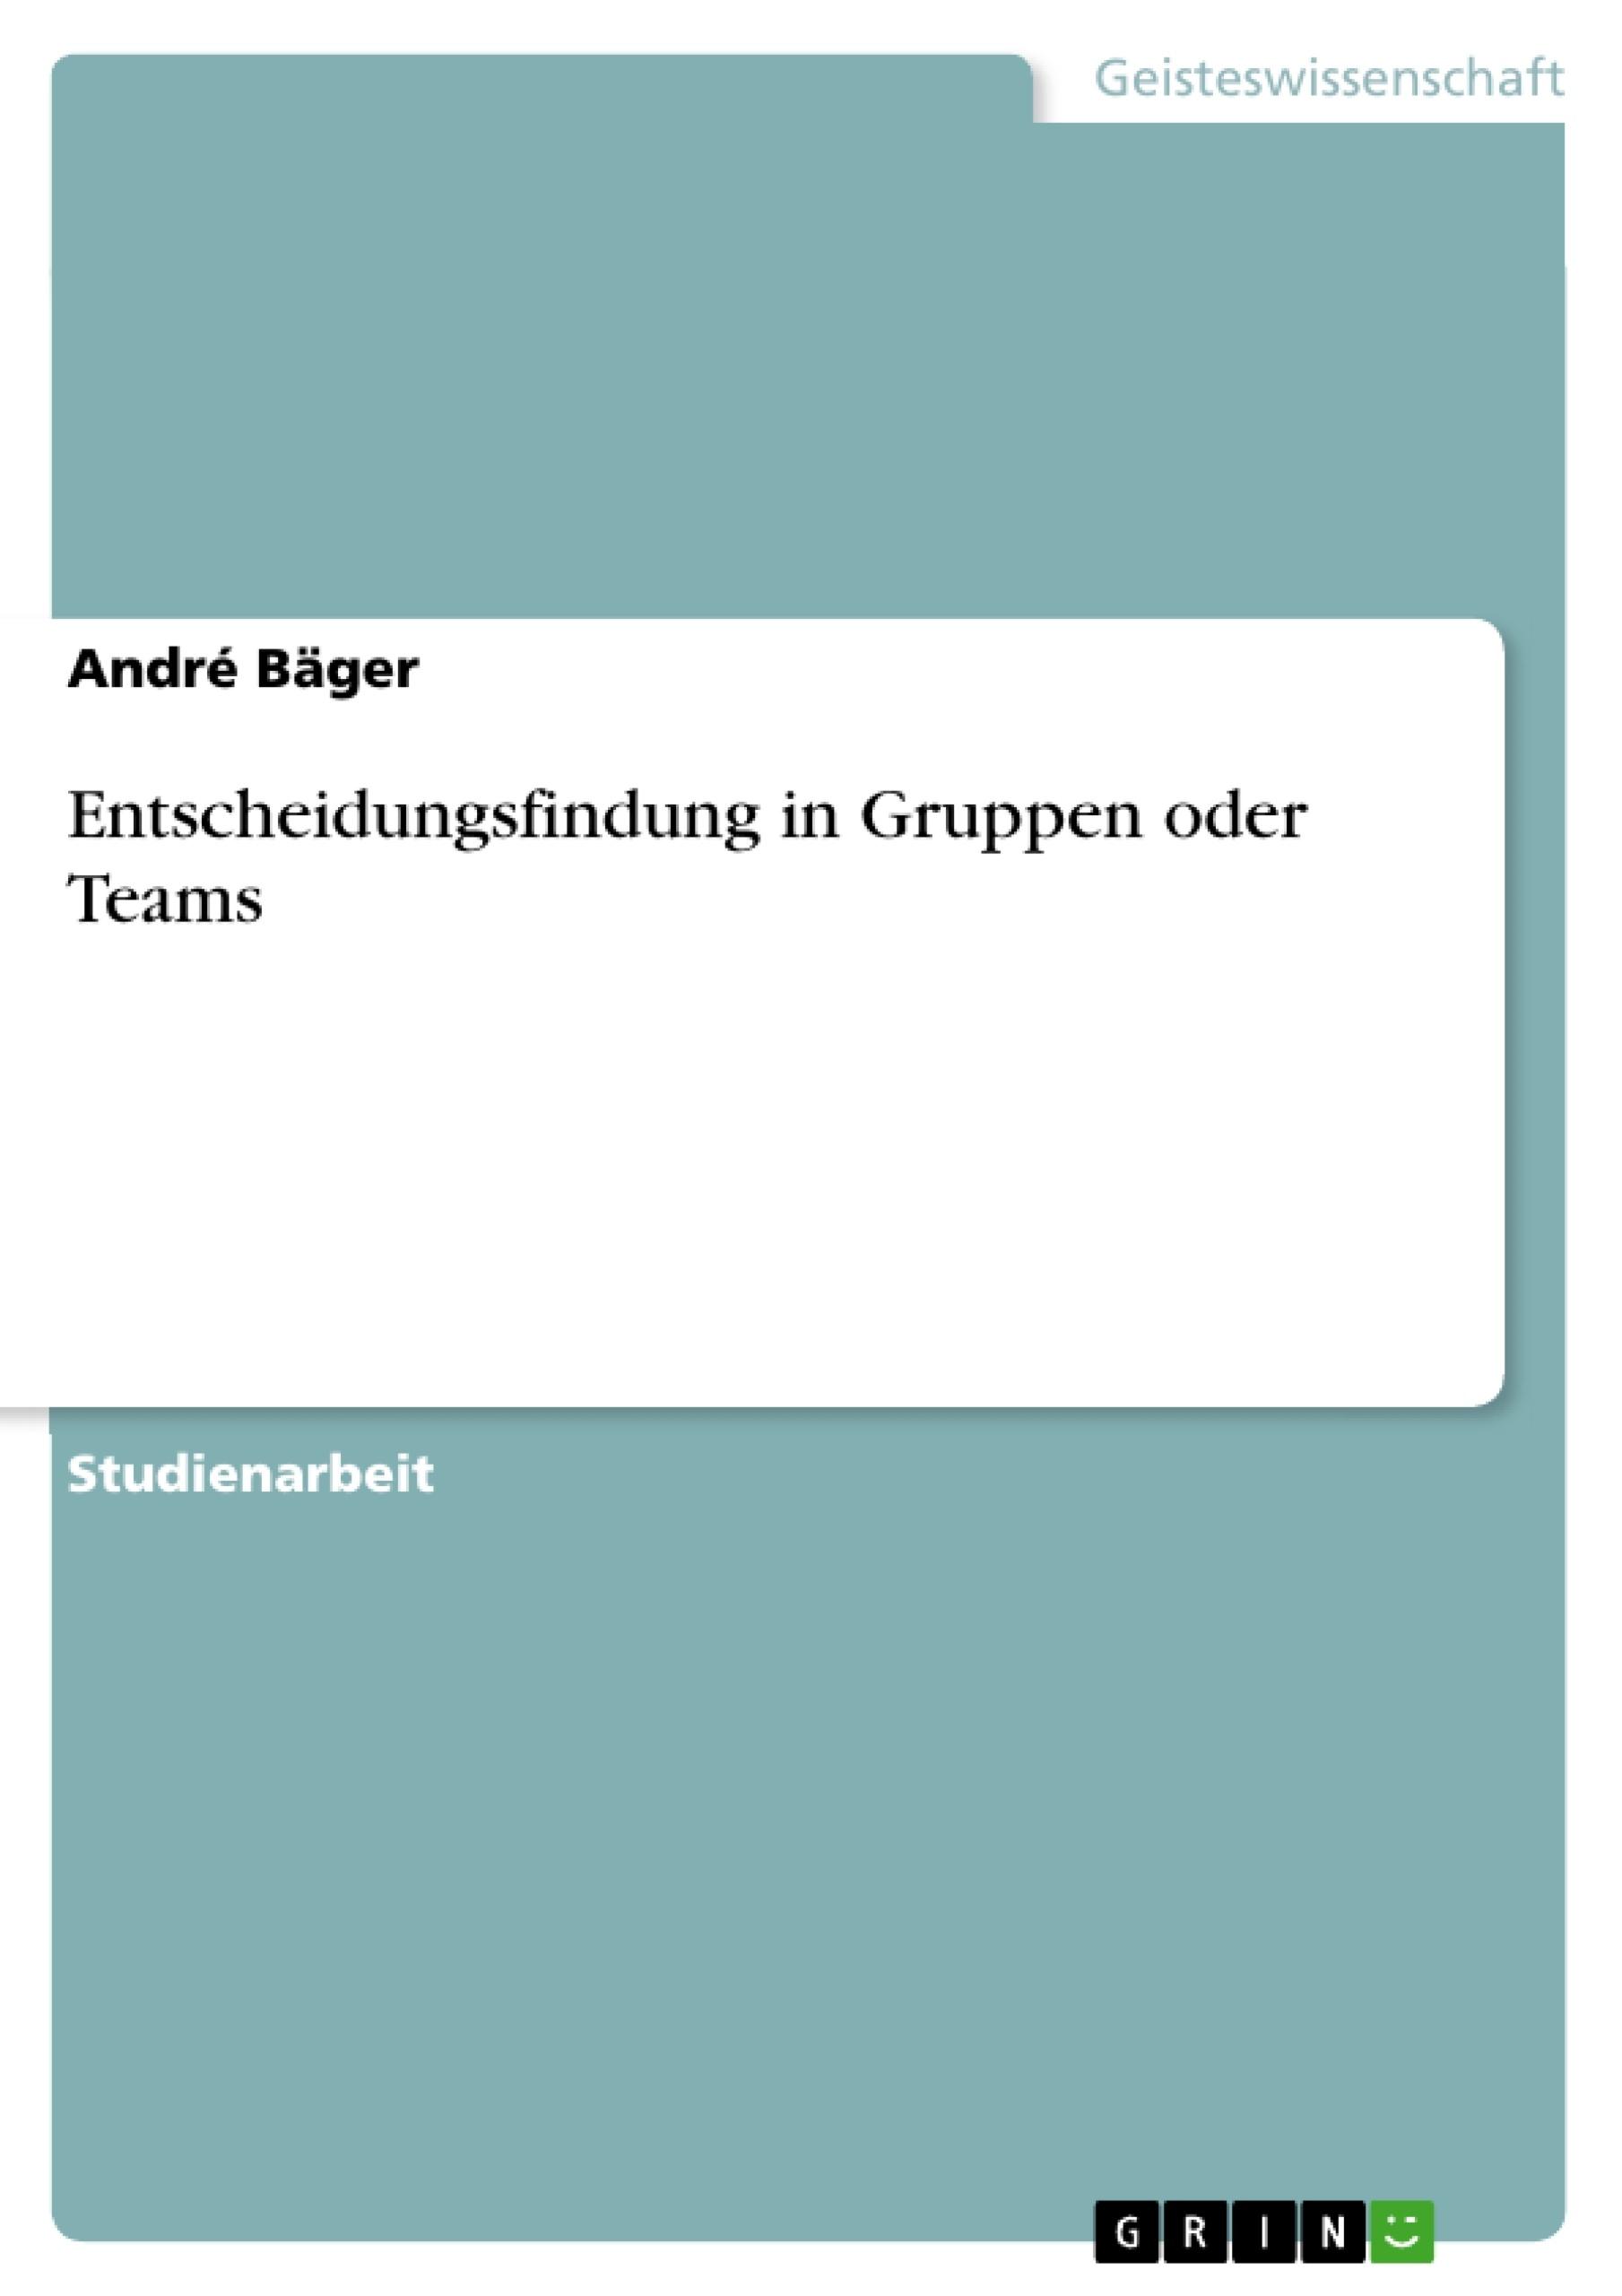 Titel: Entscheidungsfindung in Gruppen oder Teams